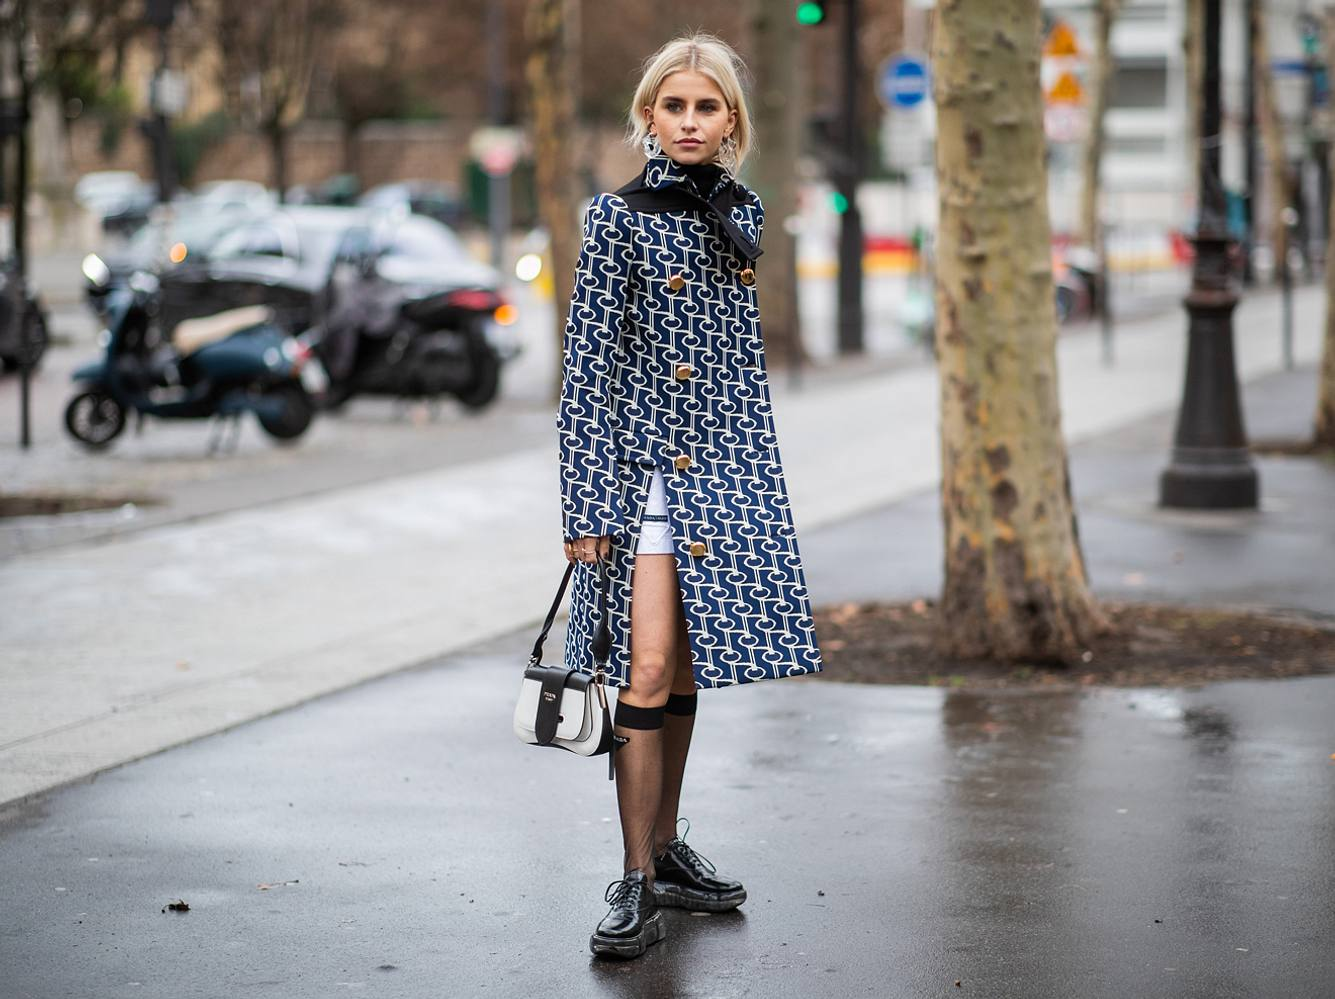 Kniestrümpfe sind ein perfekter Herbst/Winter-Begleiter: So kombinierst du den Modetrend 2019/2020 besonders schön!